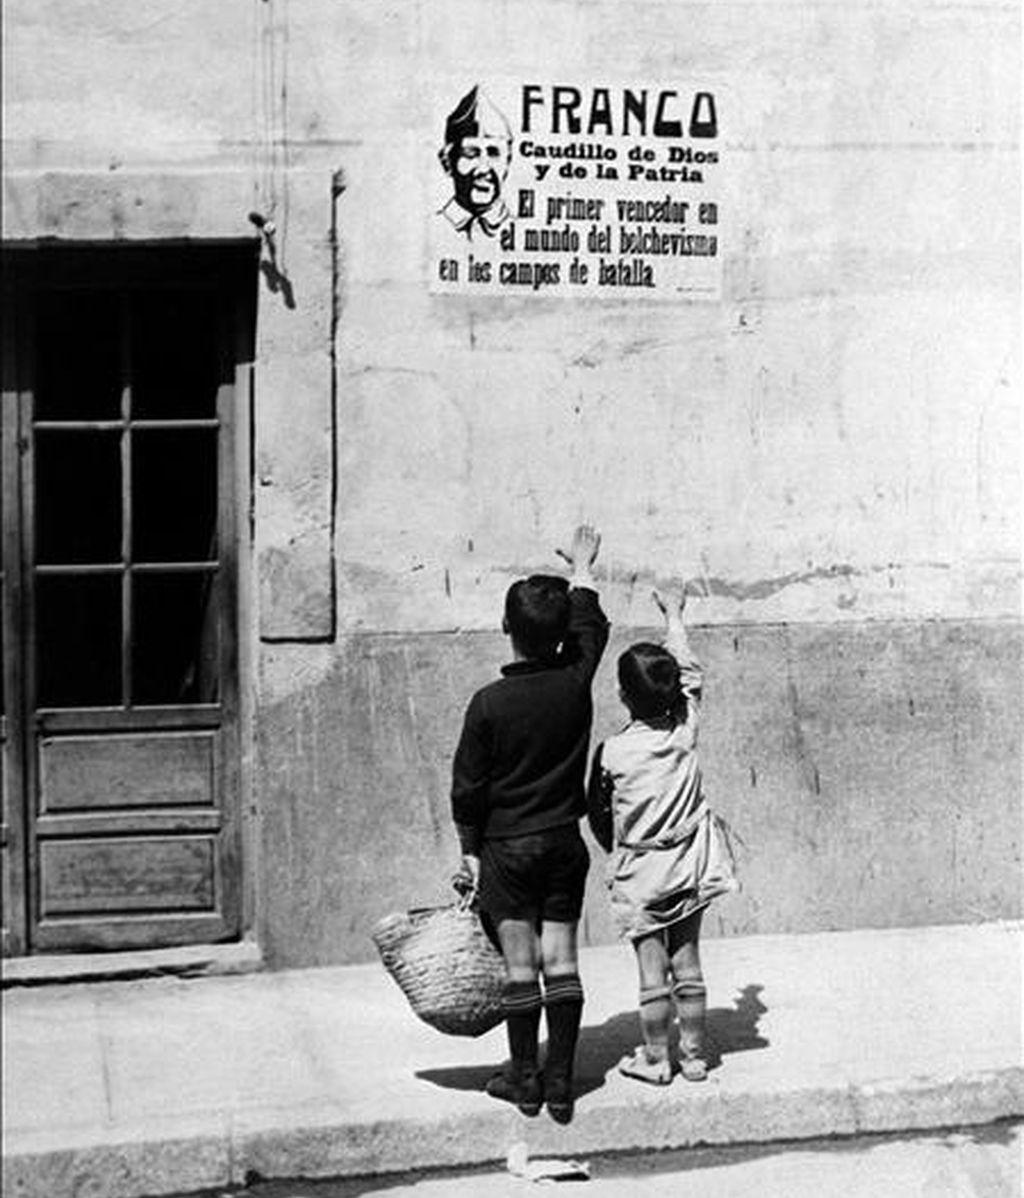 Carteles de Franco en los pueblos españoles al terminar la Guerra Civil. Dos niños alzan los brazos, en saludo fascista, a un cartel con la foto de Franco. EFE/Archivo